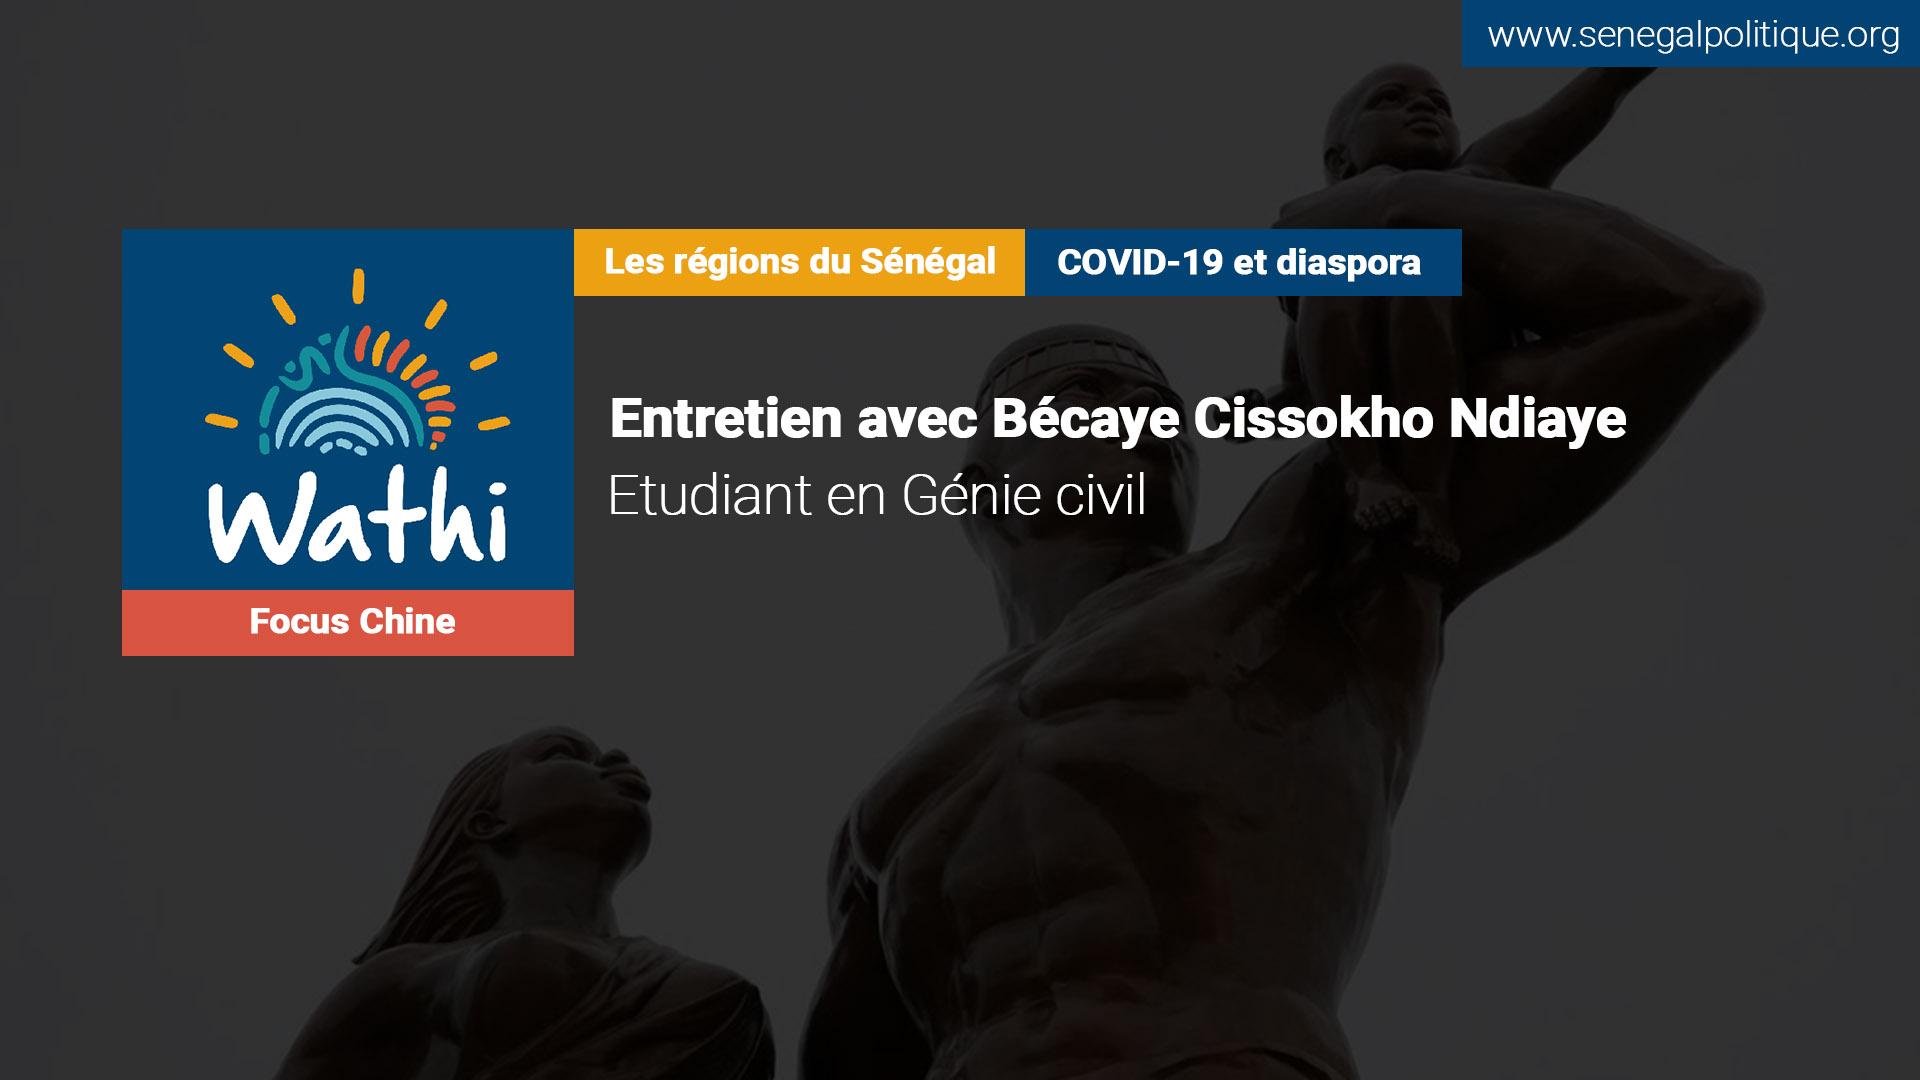 Bécaye Cissokho Ndiaye, étudiant en Chine:«Il y a un abandon des mesures barrières au Sénégal. En Chine, cela nous inquiète car nous savons ce que le virus est capable de faire»